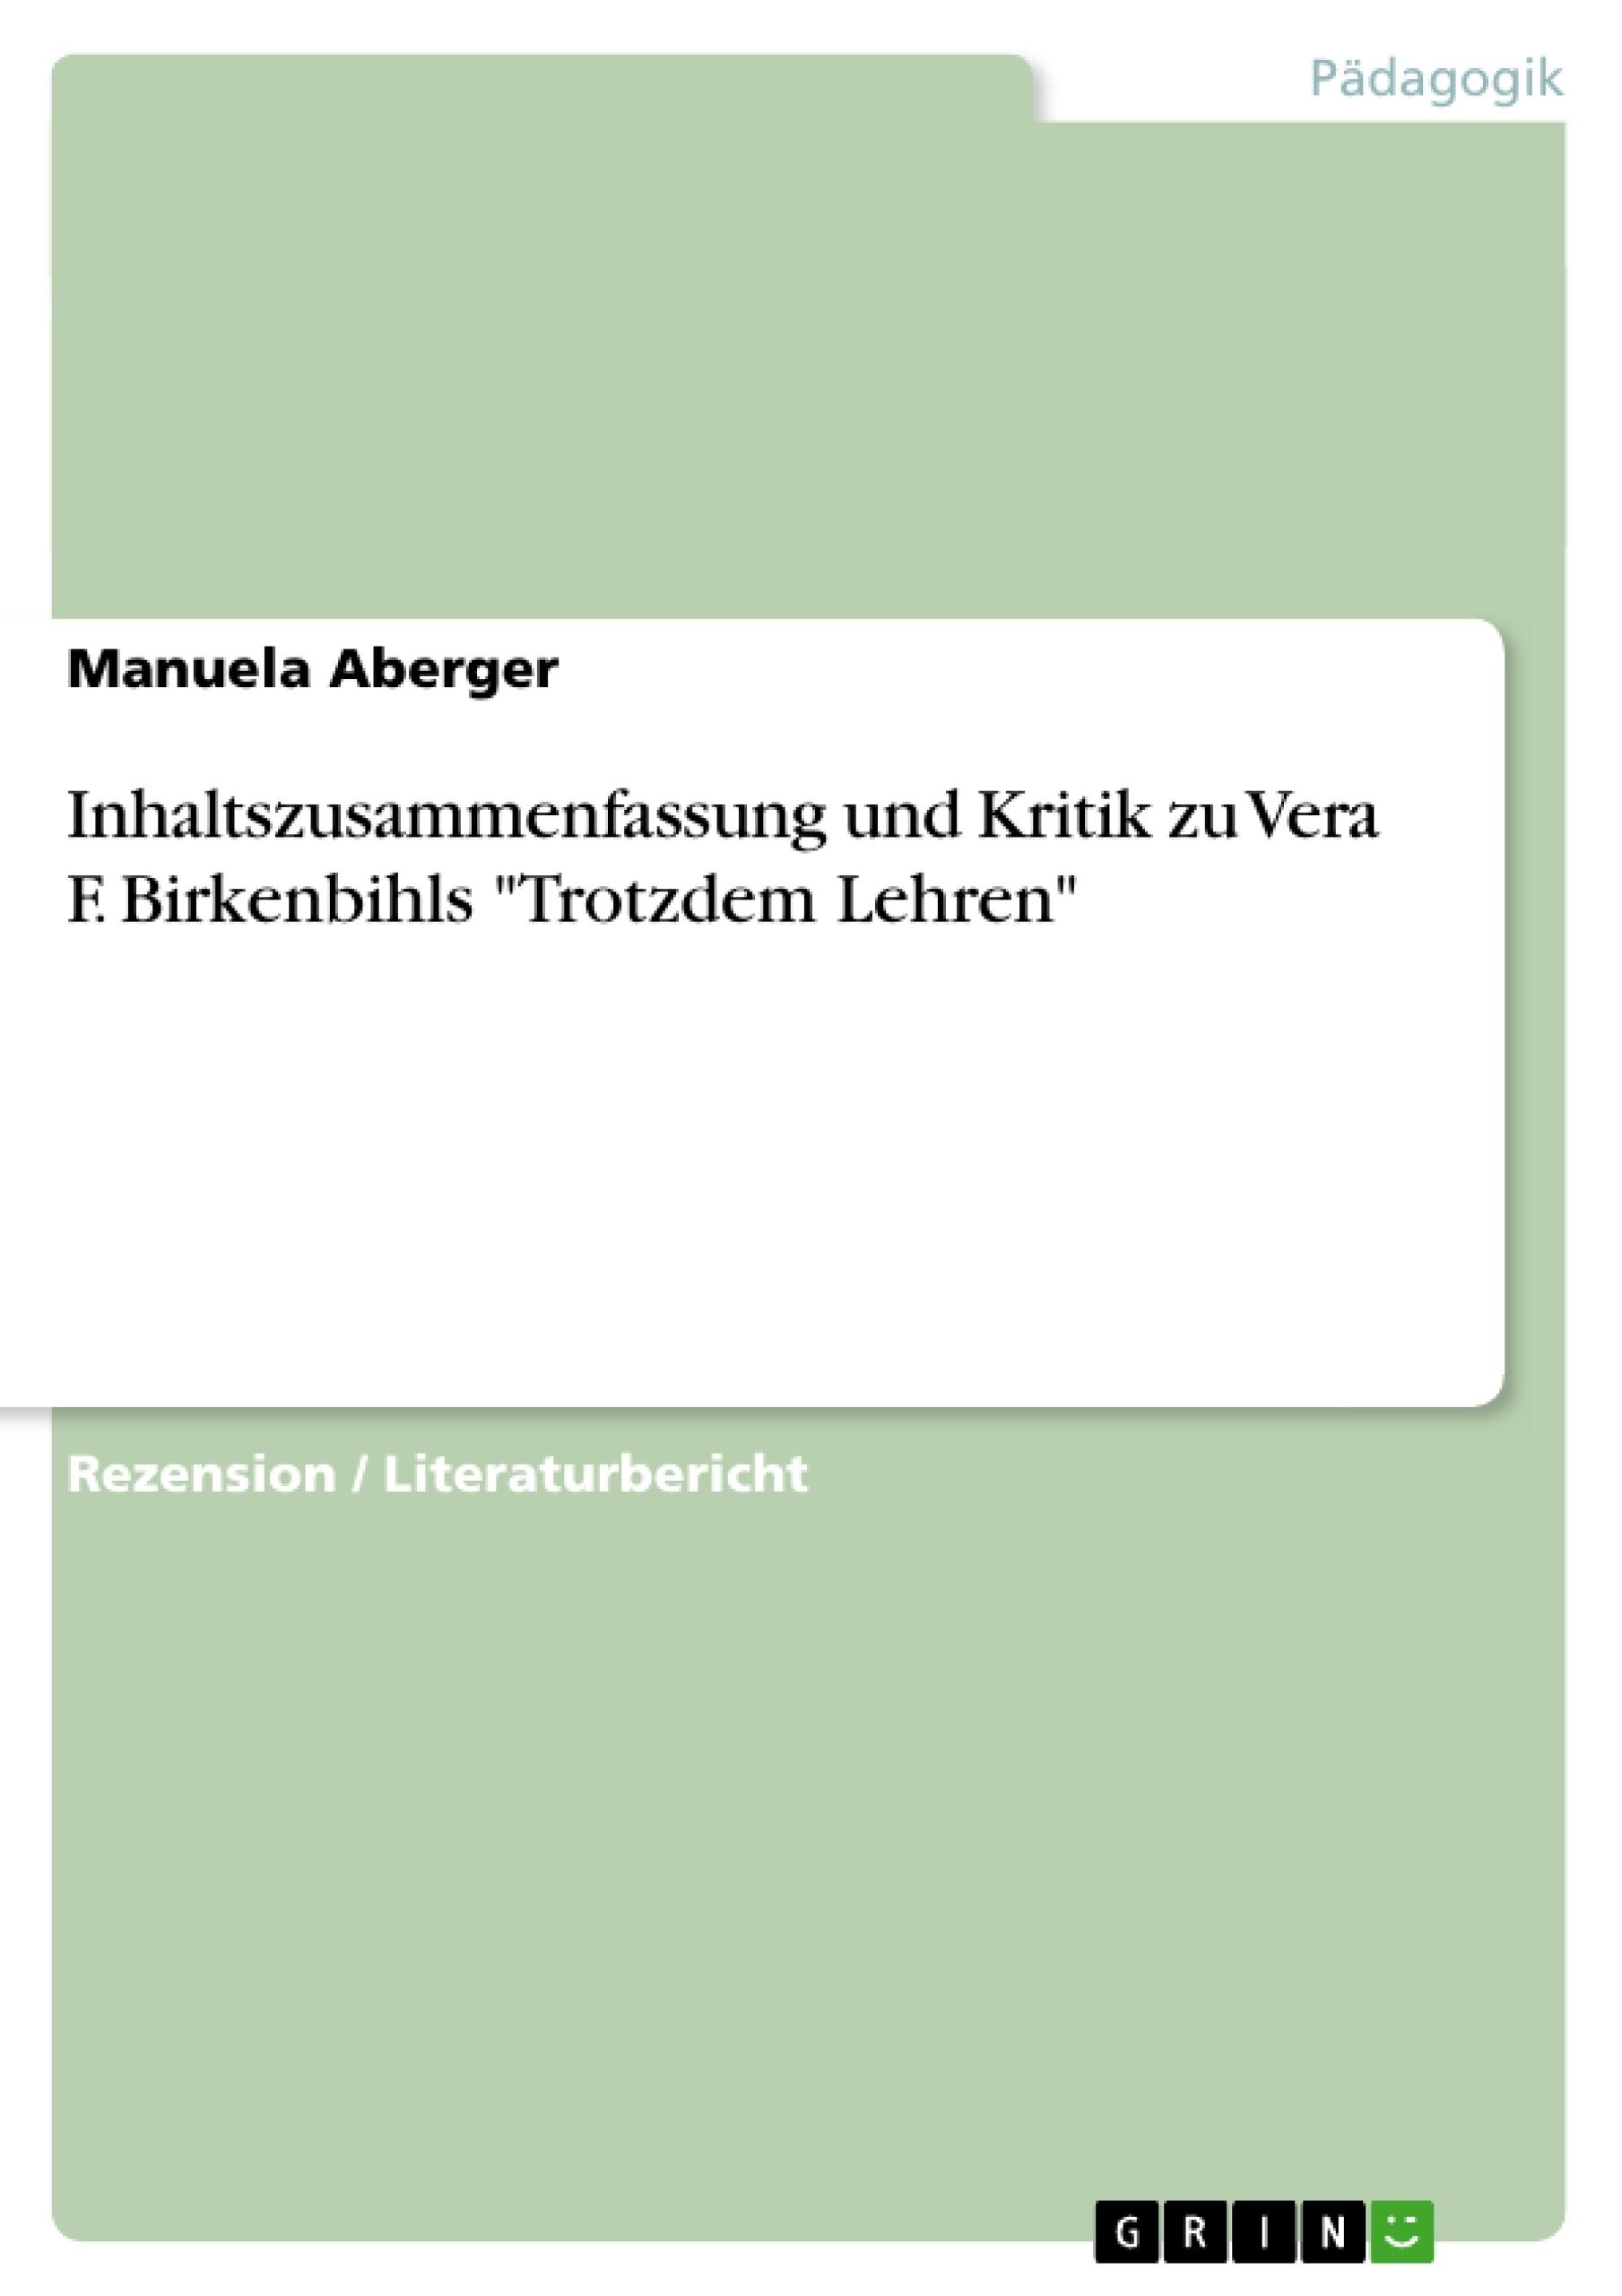 """Titel: Inhaltszusammenfassung und Kritik zu Vera F. Birkenbihls """"Trotzdem Lehren"""""""